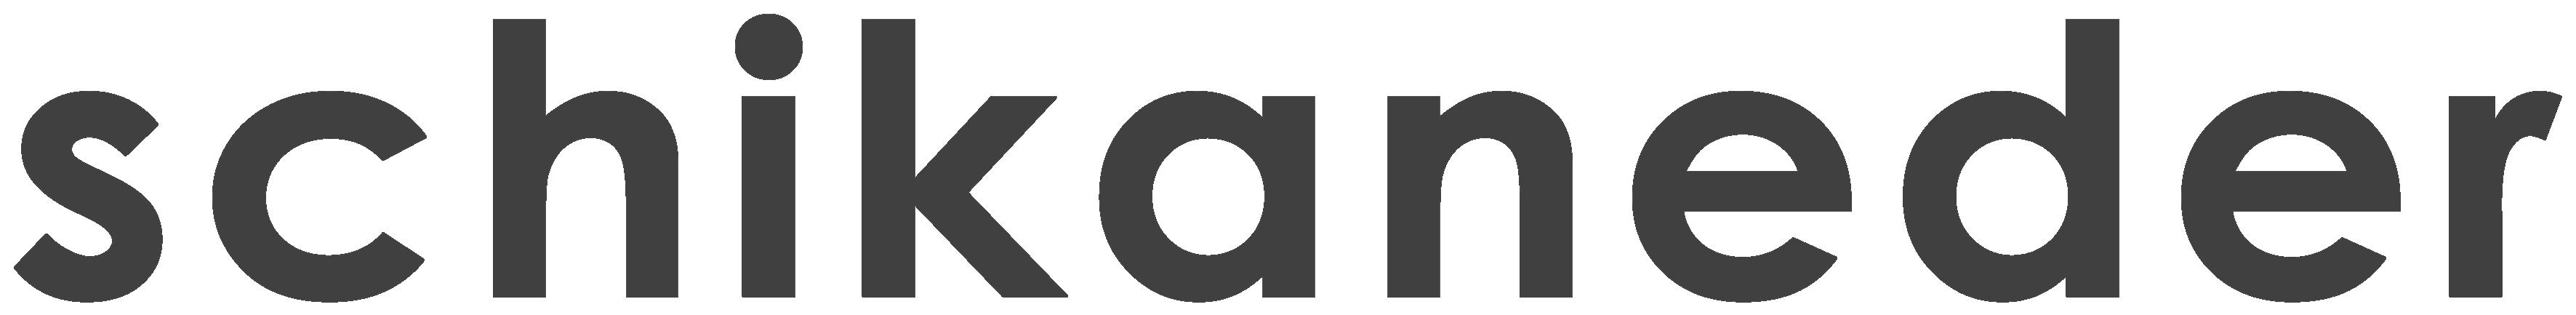 Schikaneder Logo